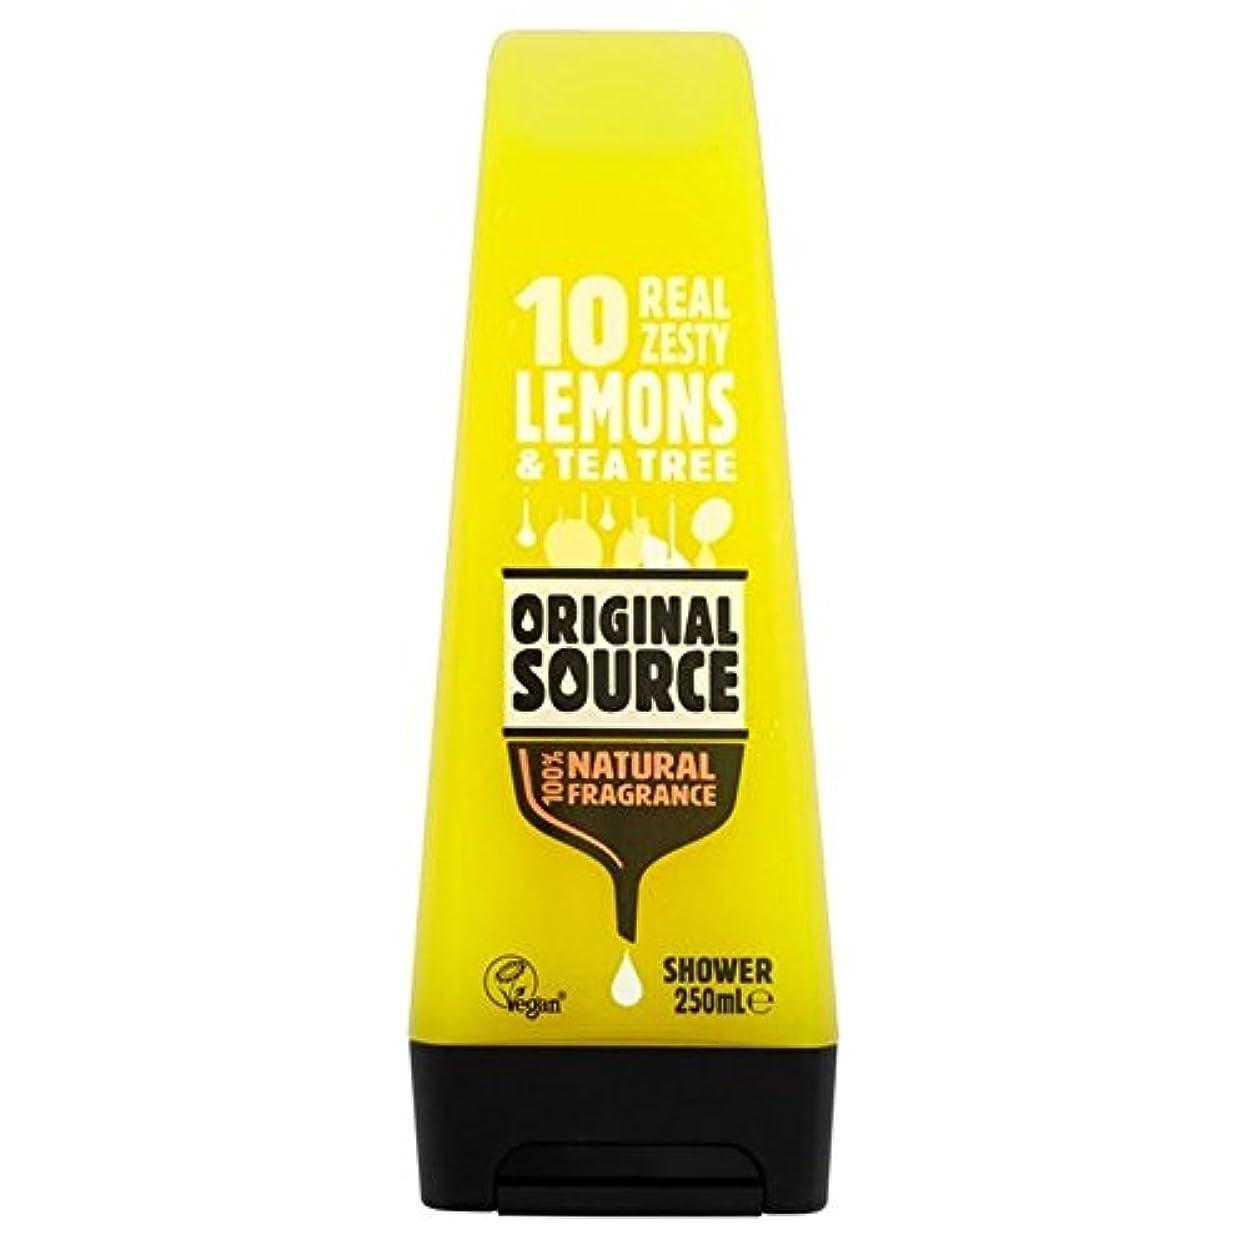 事業切り下げカナダ元のソースのレモンシャワージェル250ミリリットル x4 - Original Source Lemon Shower Gel 250ml (Pack of 4) [並行輸入品]